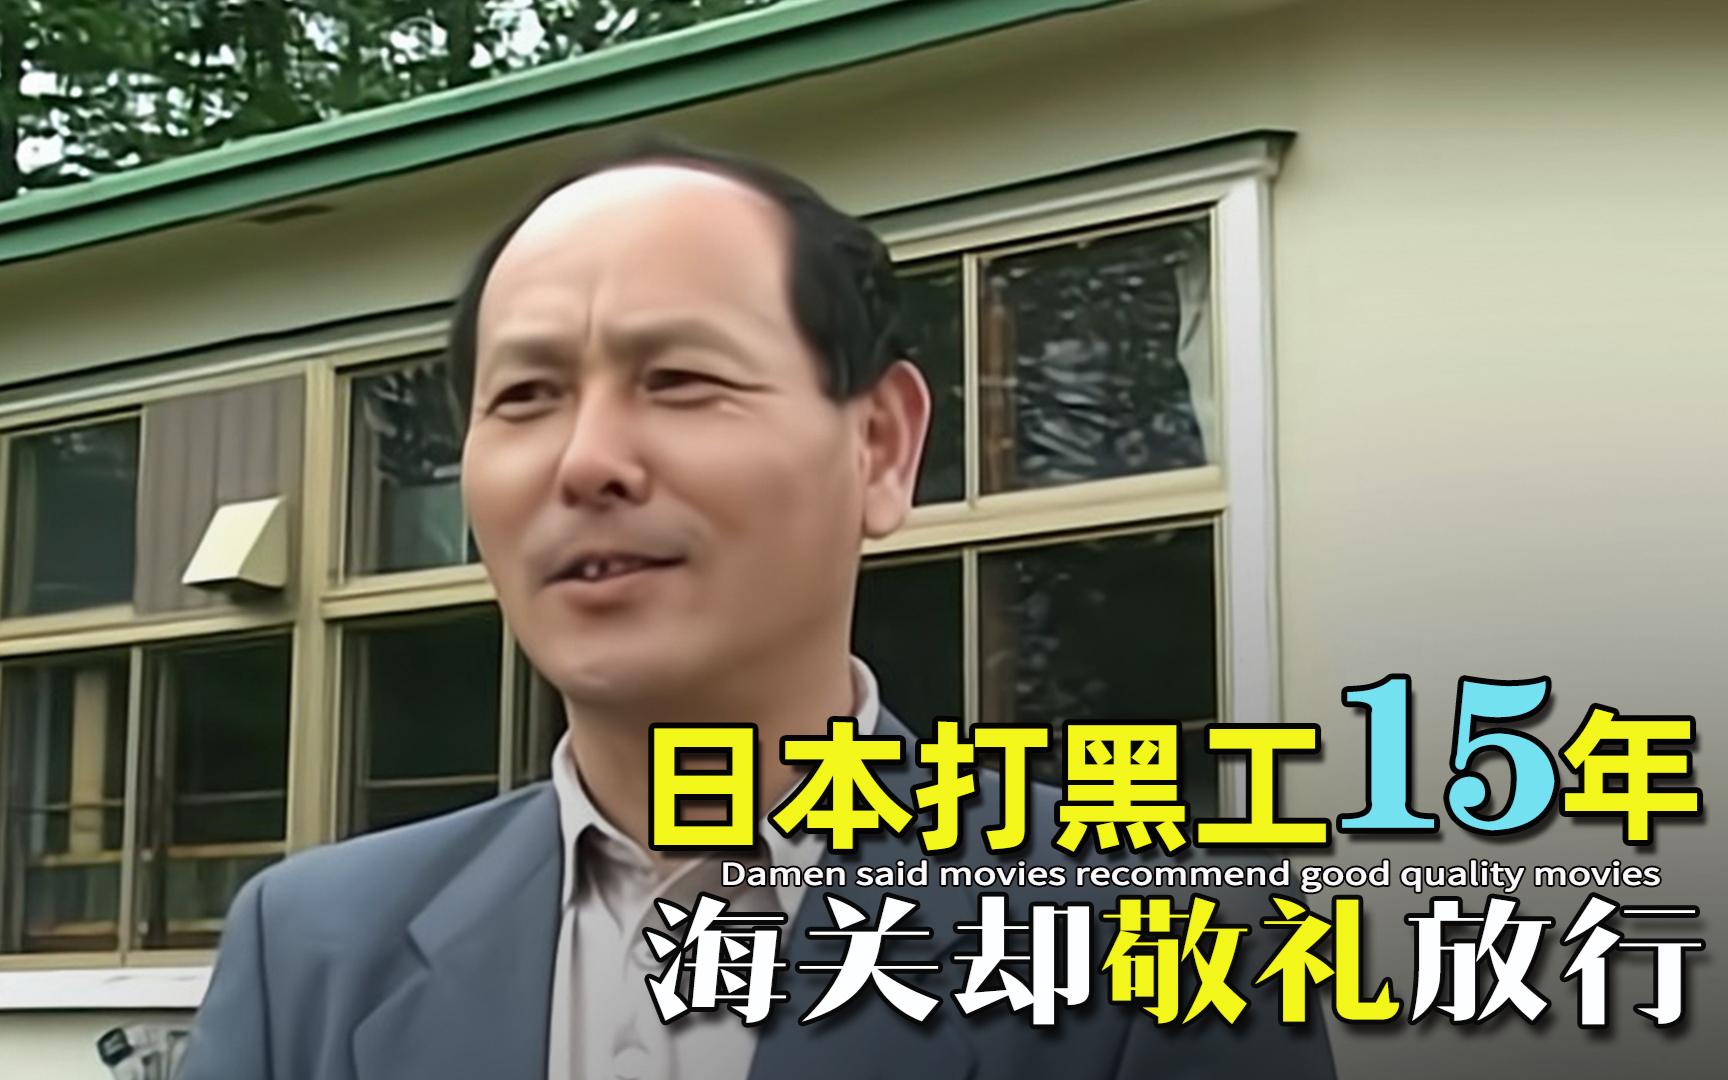 中国大叔去日本打黑工15年,守法纳税使日本海关举手敬礼,纪录片